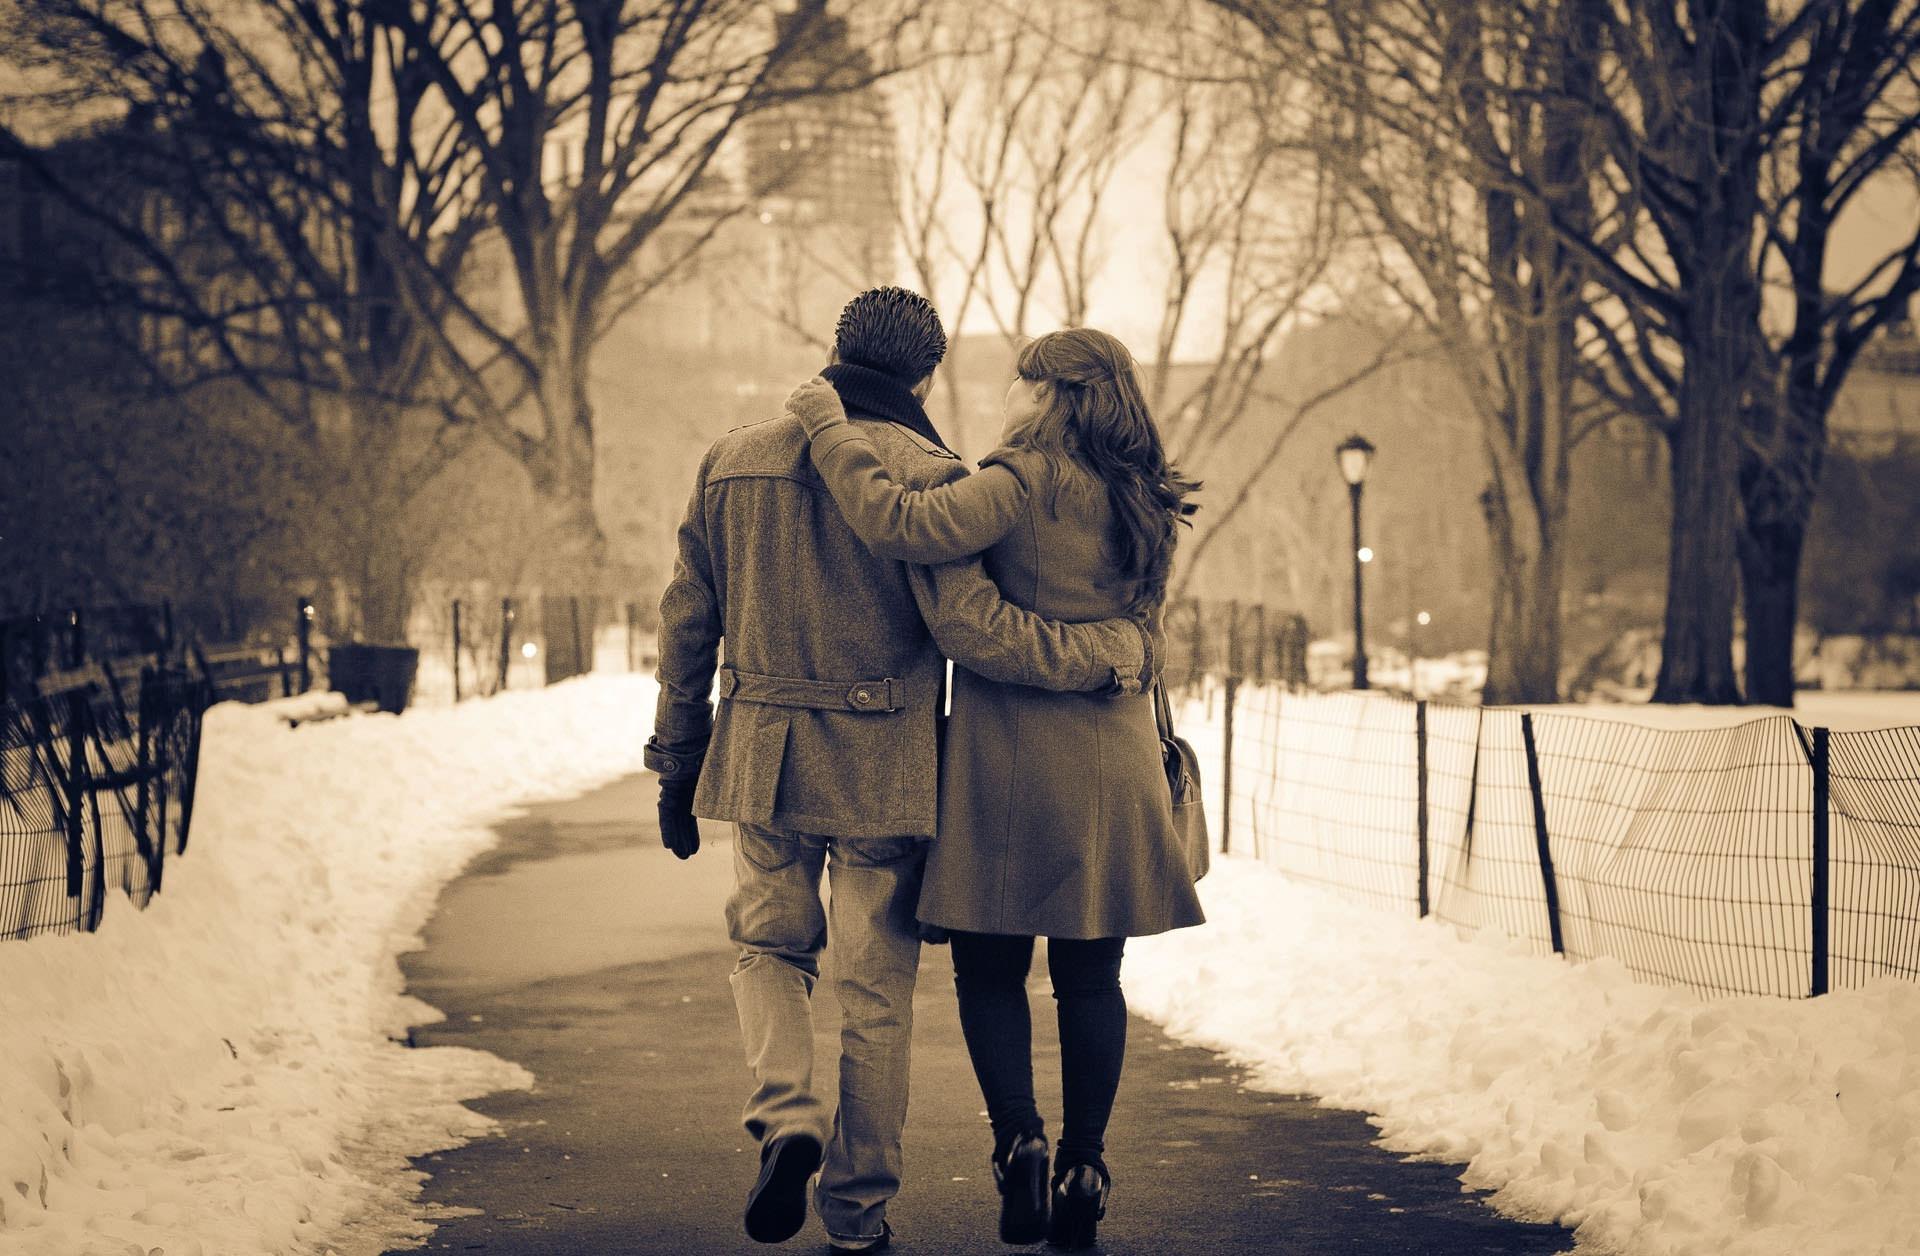 дружба парень и девушка, любовь из дружбы